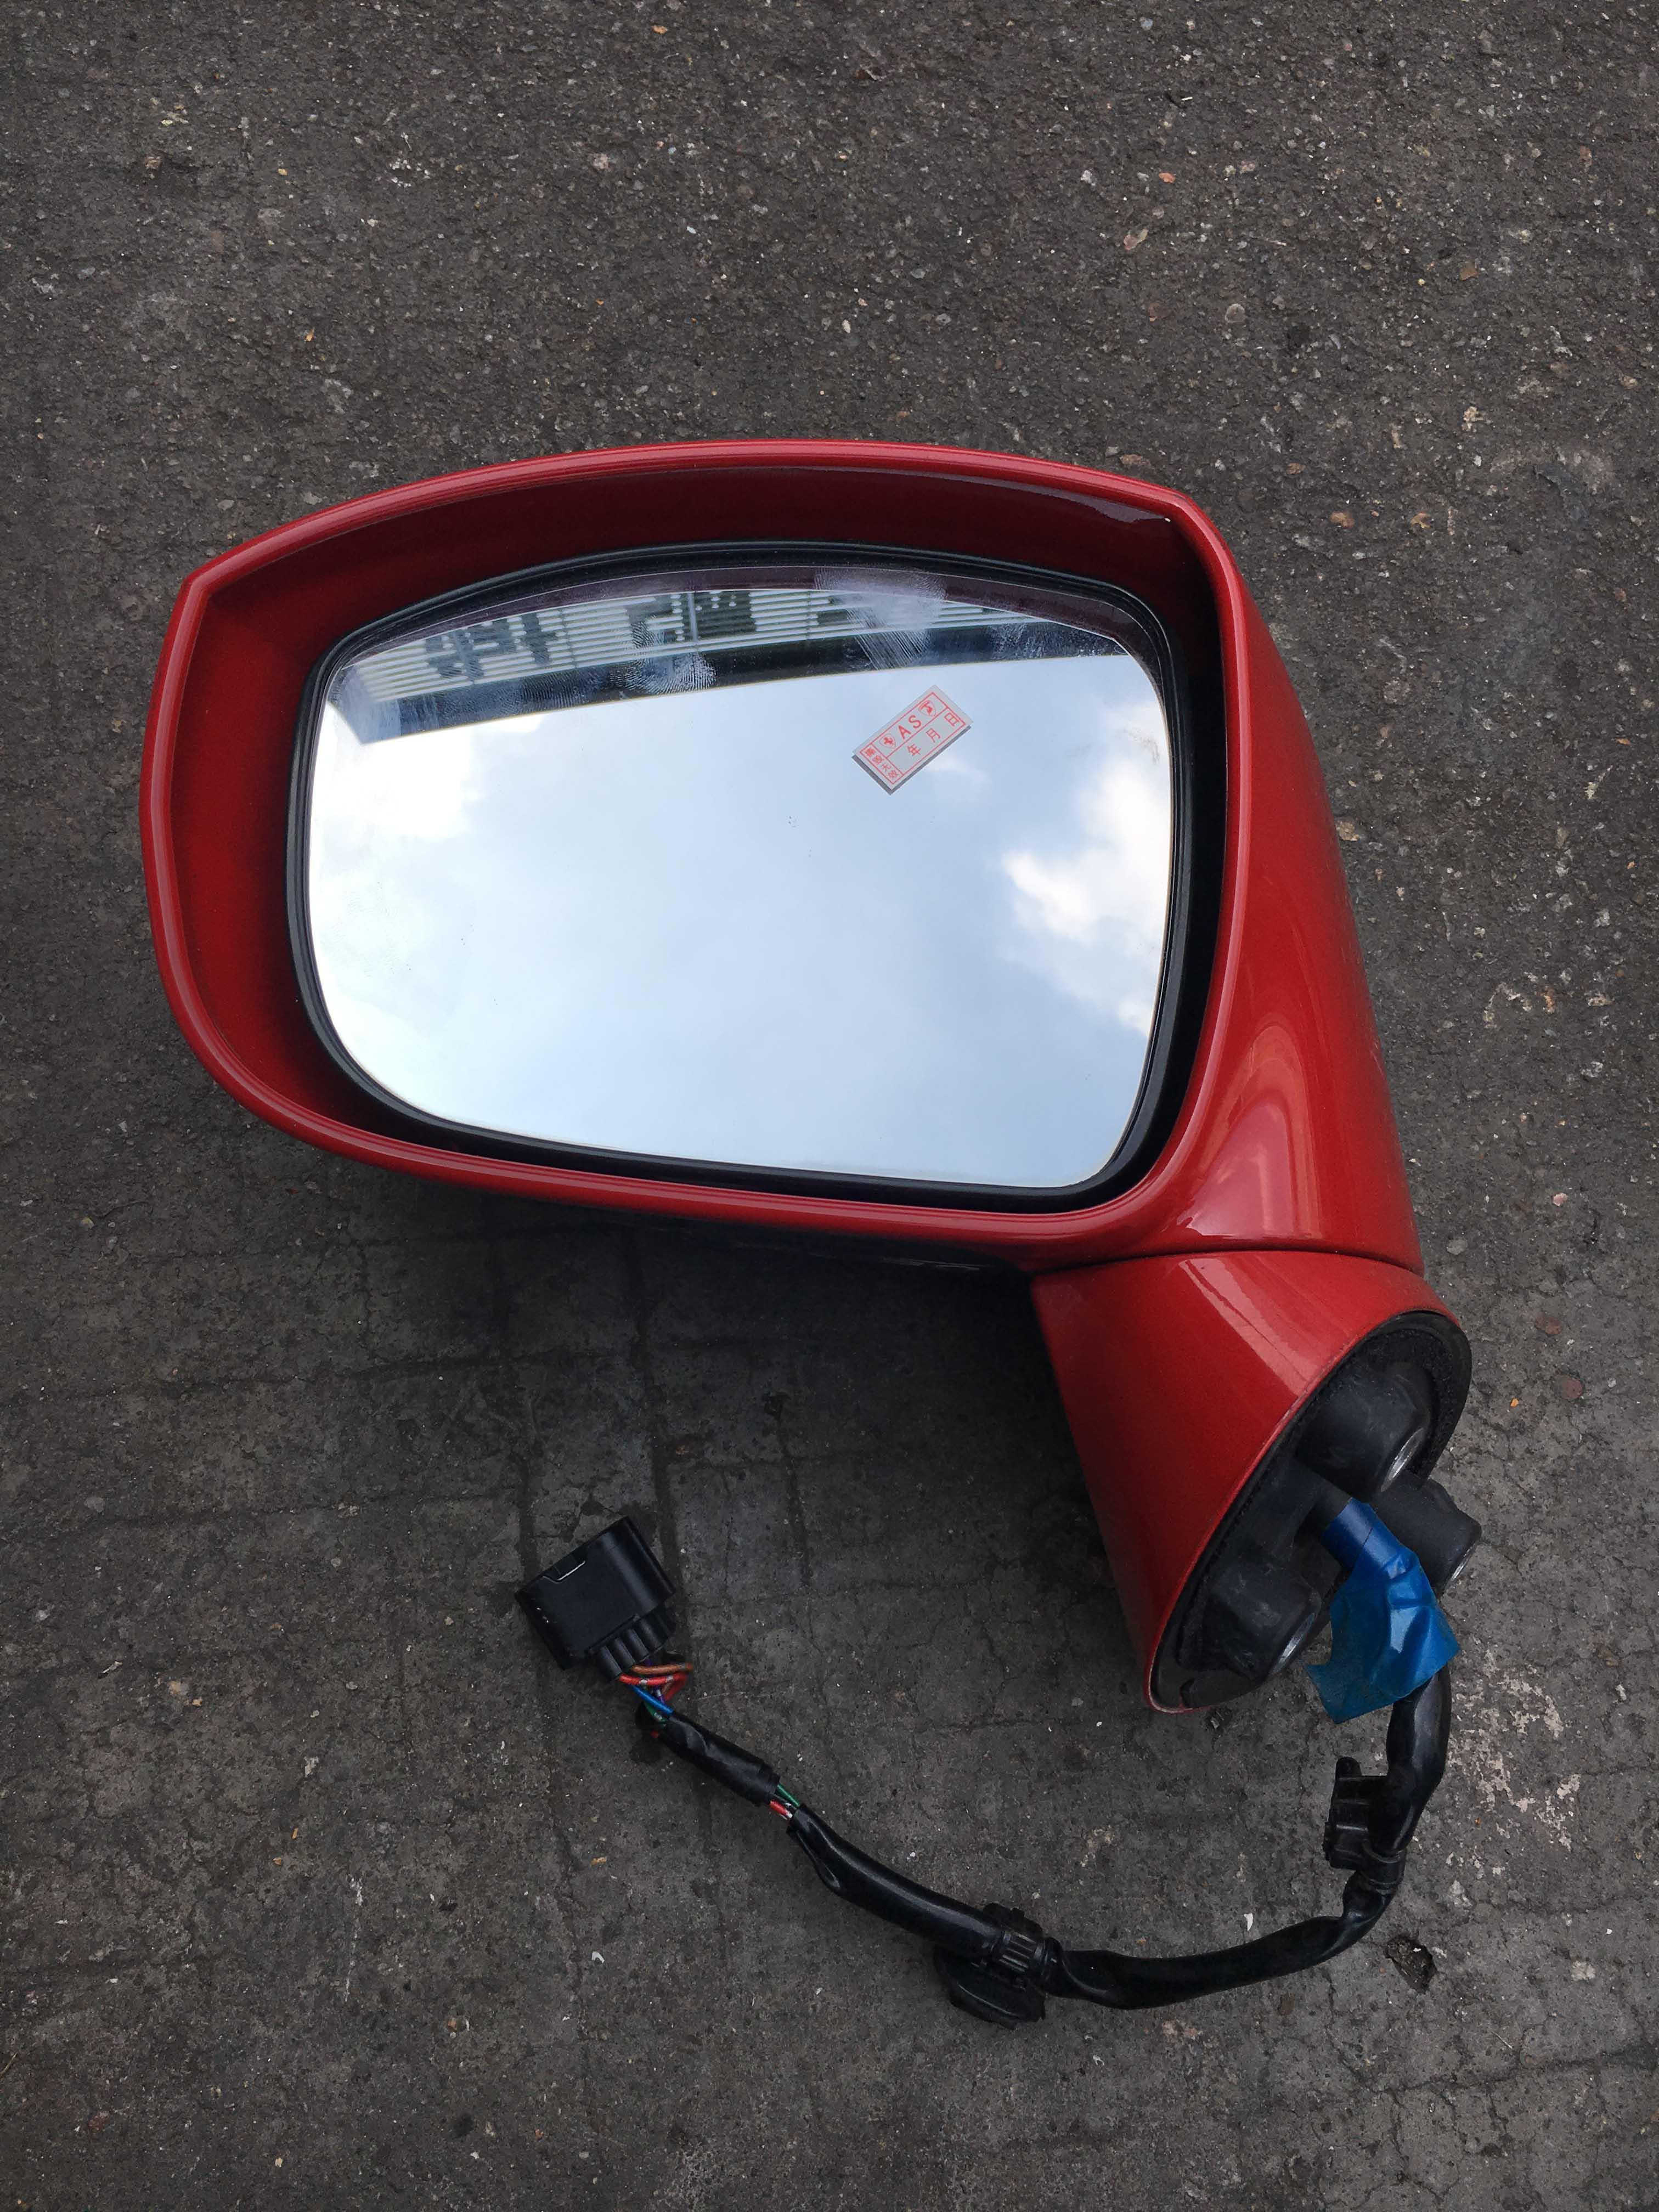 供应品质好的GTR汽车零件配件 GTR前嘴/前头/车镜配件/车灯配件?#23433;?#36710;件专卖